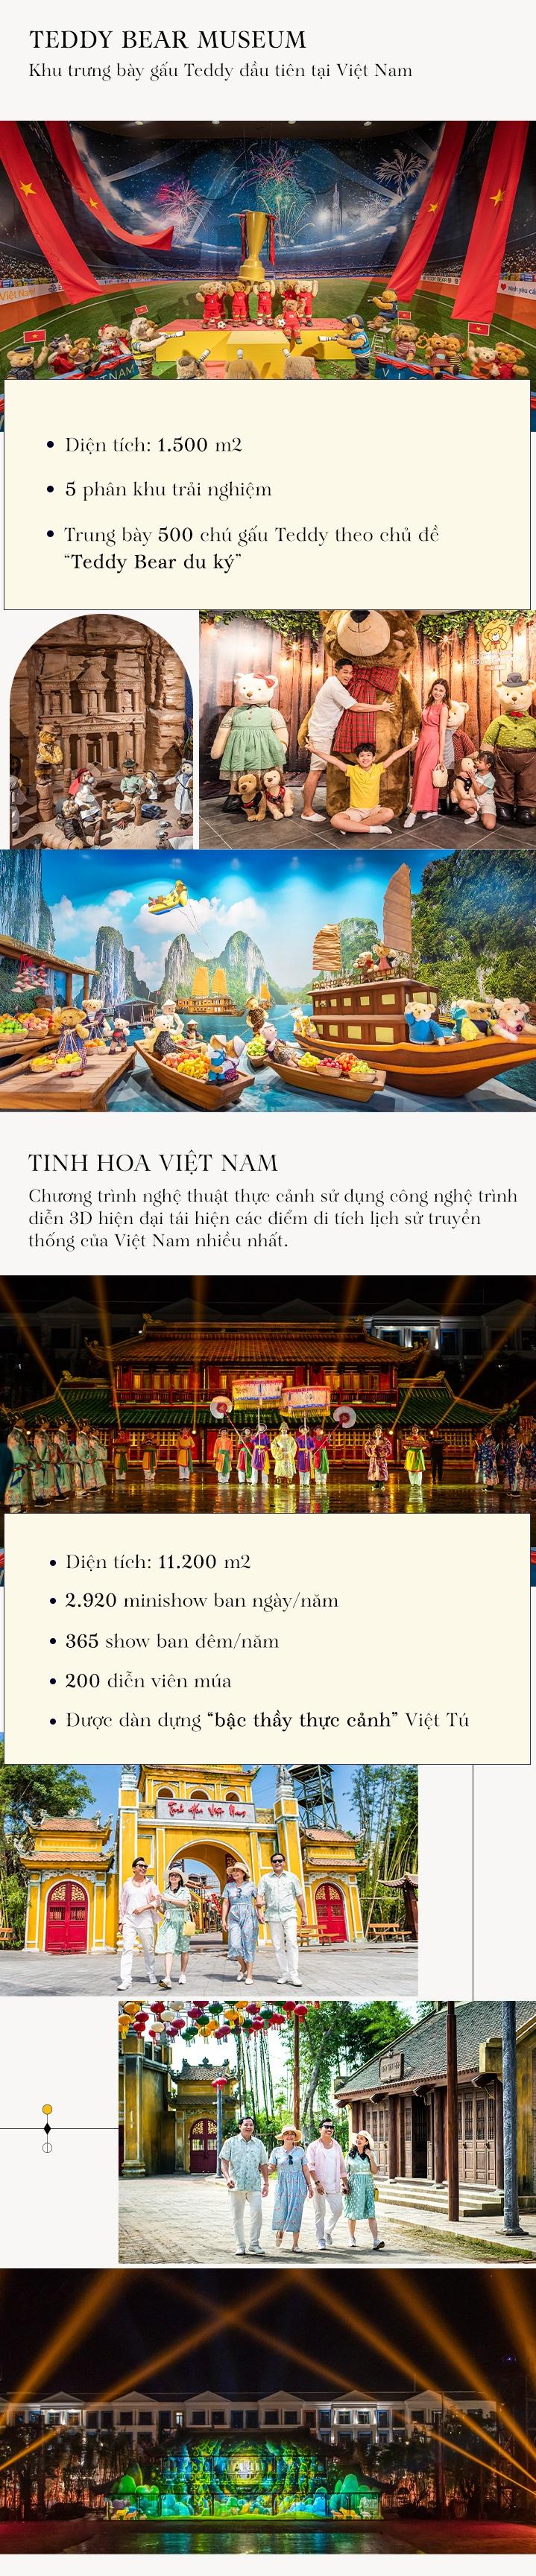 - Highlight_Mobile_04 - Những kỷ lục mới tại 'siêu quần thể không ngủ' Phú Quốc United Center